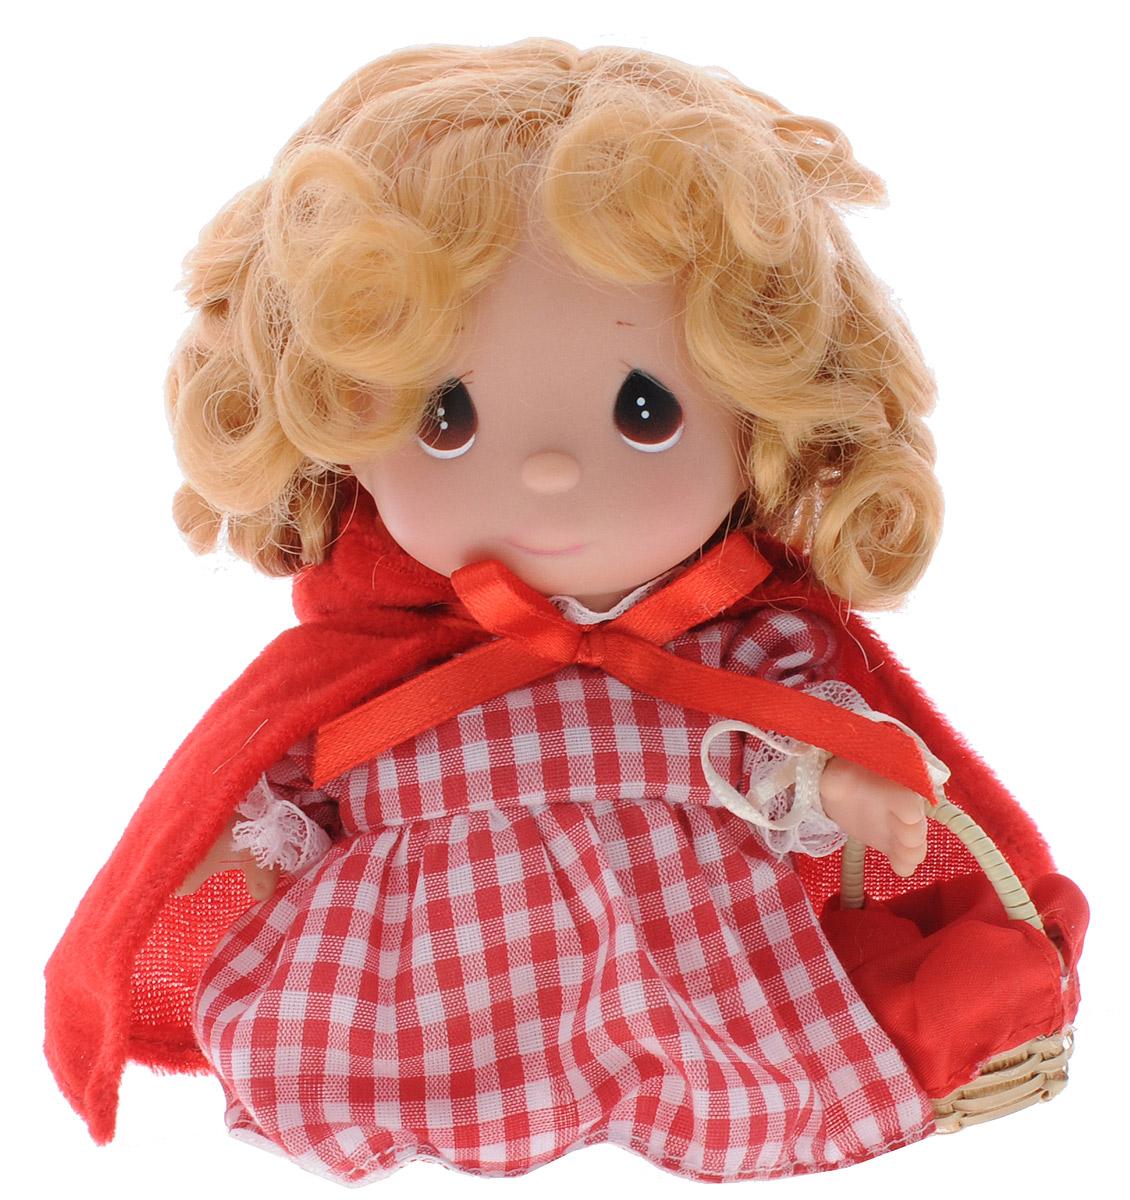 Precious Moments Мини-кукла Красная шапочка5396Какие же милые эти куколки Precious Moments. Создатель этих очаровательных крошек настоящая волшебница - Линда Рик - оживила свои творения, каждая кукла обрела свой милый и неповторимый образ. Эти крошки могут сопровождать вас в чудесных странствиях и сделать каждый момент вашей жизни незабываемым! Мини-кукла Красная шапочка одета в клетчатое платье. Поверх платья одета красная накидка с капюшоном. У куклы светлые волнистые волосы и большие карие глаза. В руке куколка держит корзинку. Благодаря играм с куклой, ваша малышка сможет развить фантазию и любознательность, овладеть навыками общения и научиться ответственности. Порадуйте свою принцессу таким прекрасным подарком!